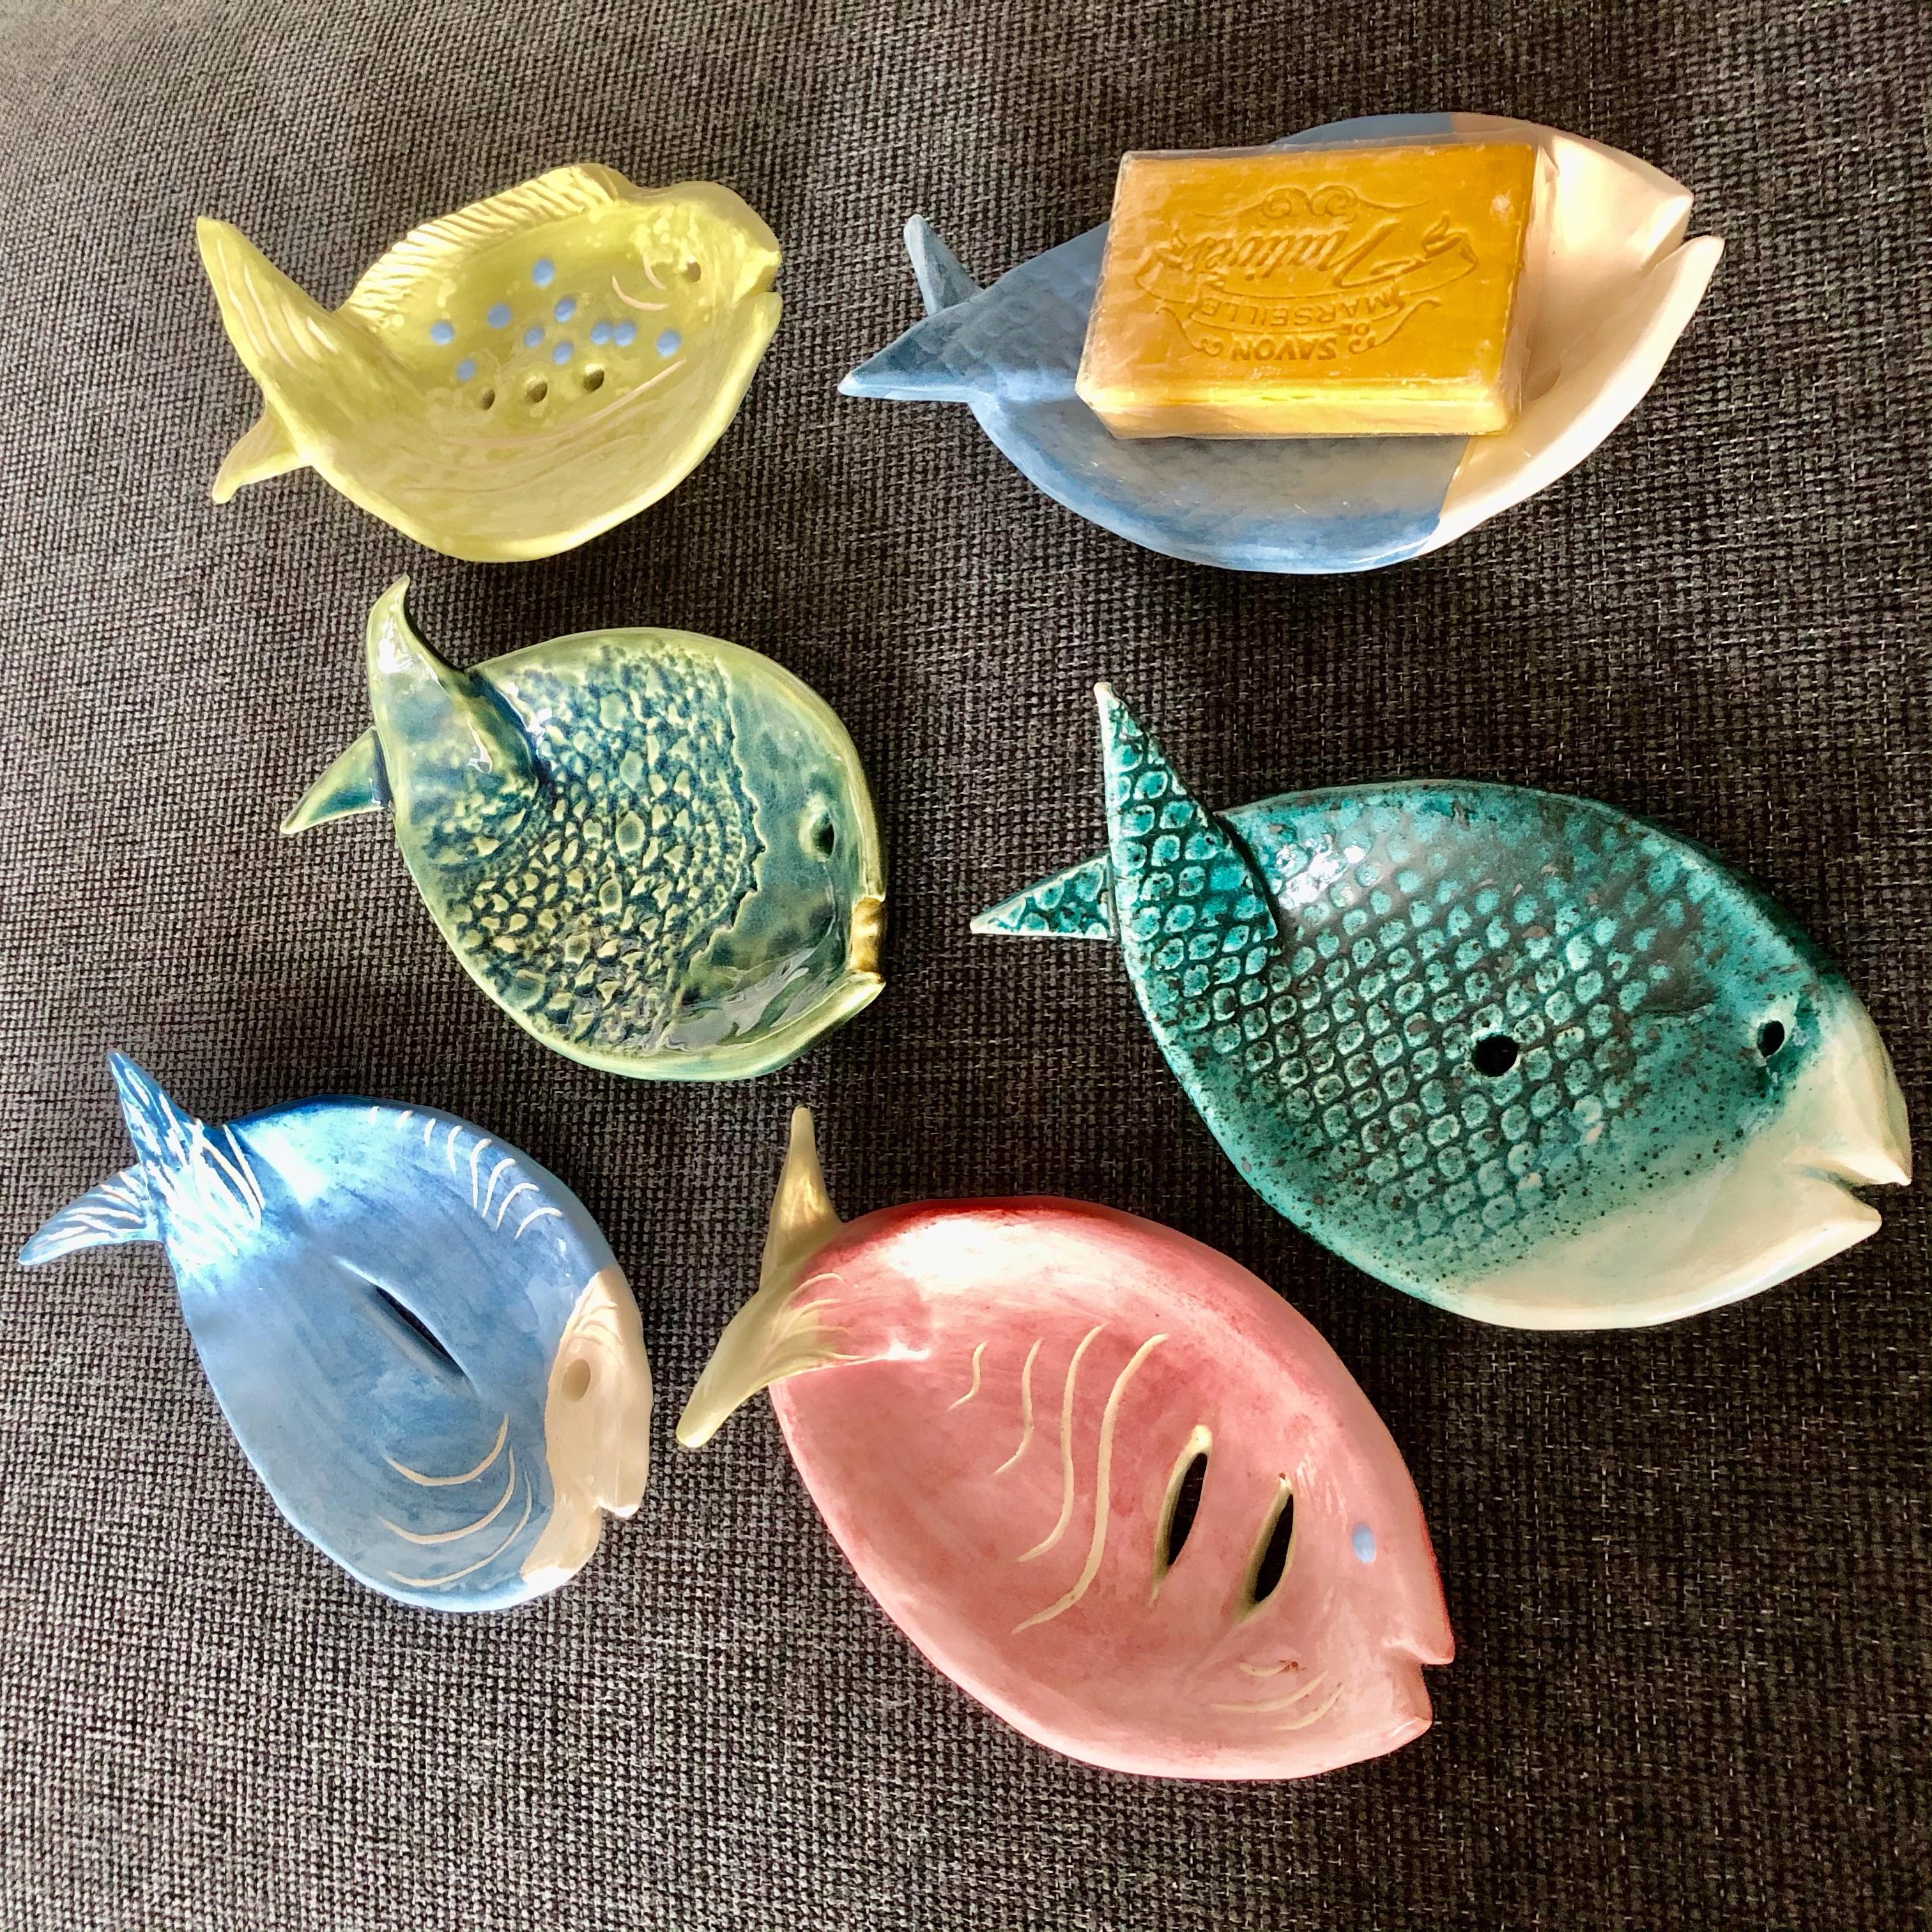 Fiskar. En kollektion tvålkoppar i keramik, samma form men olika färger och uttryck med hjälp av engober och glasyrer.